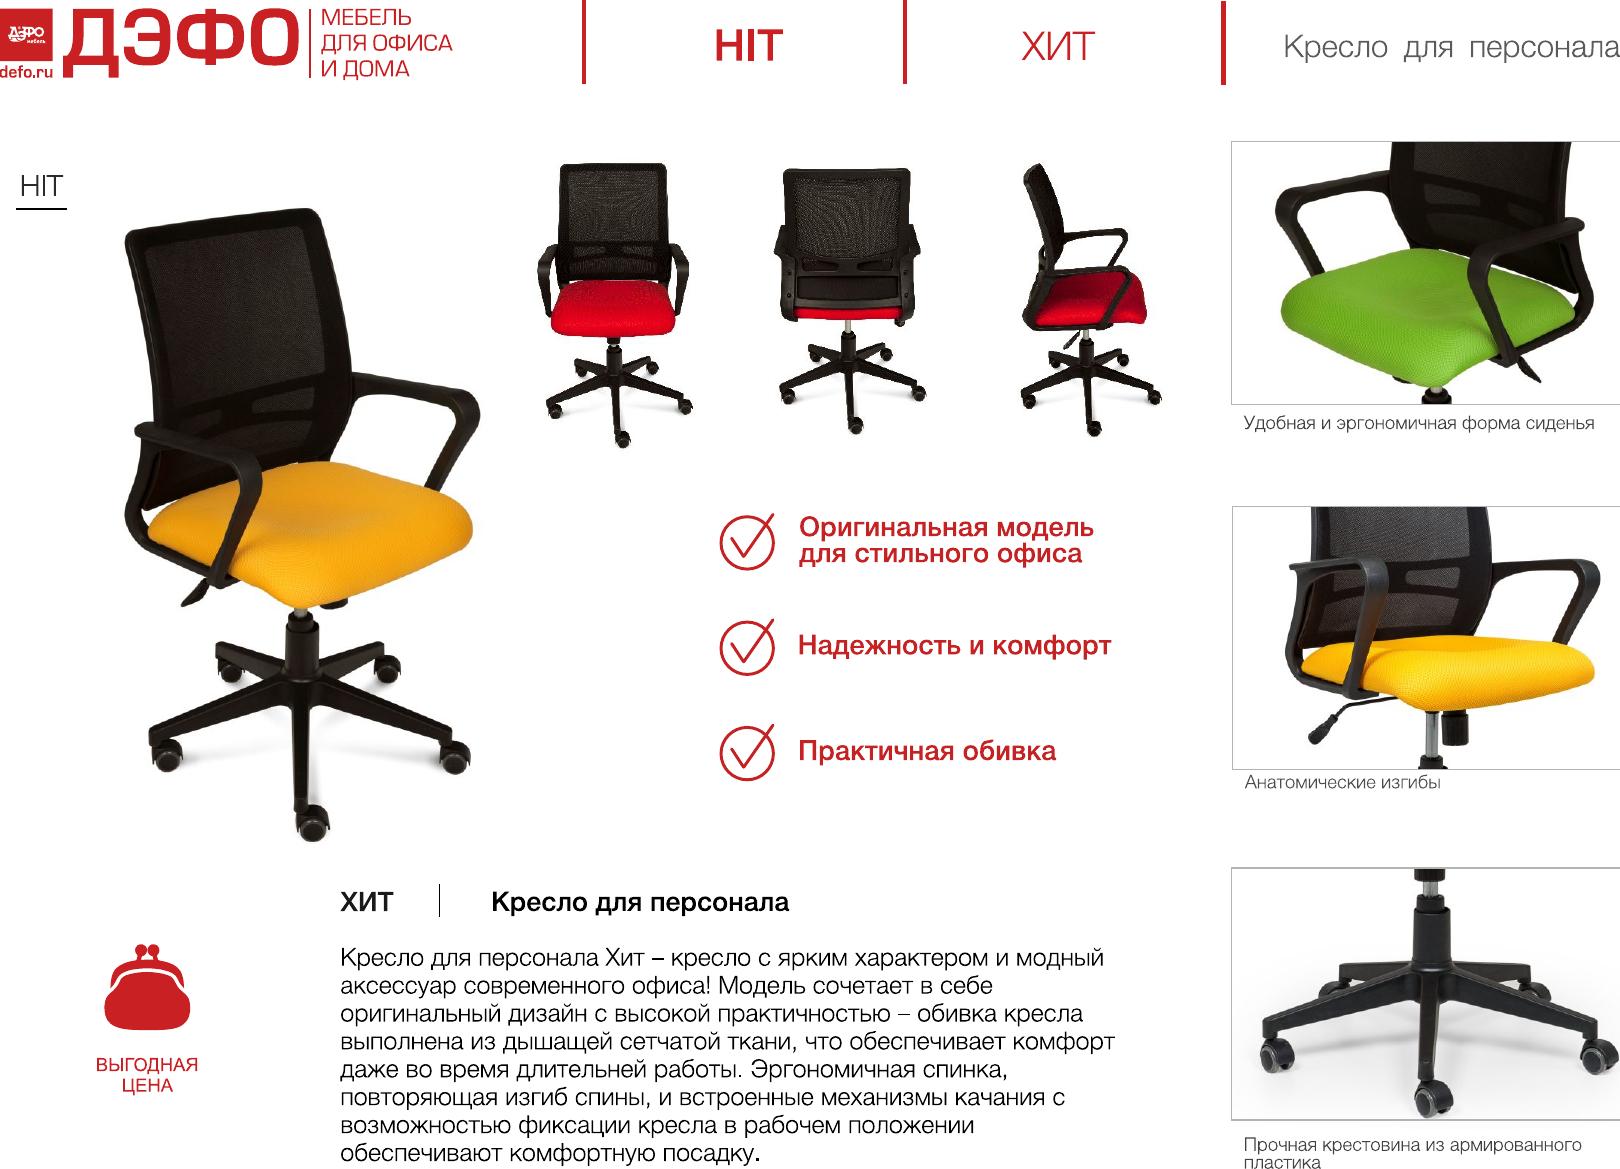 Что такое эргономичная мебель? понятие и примеры